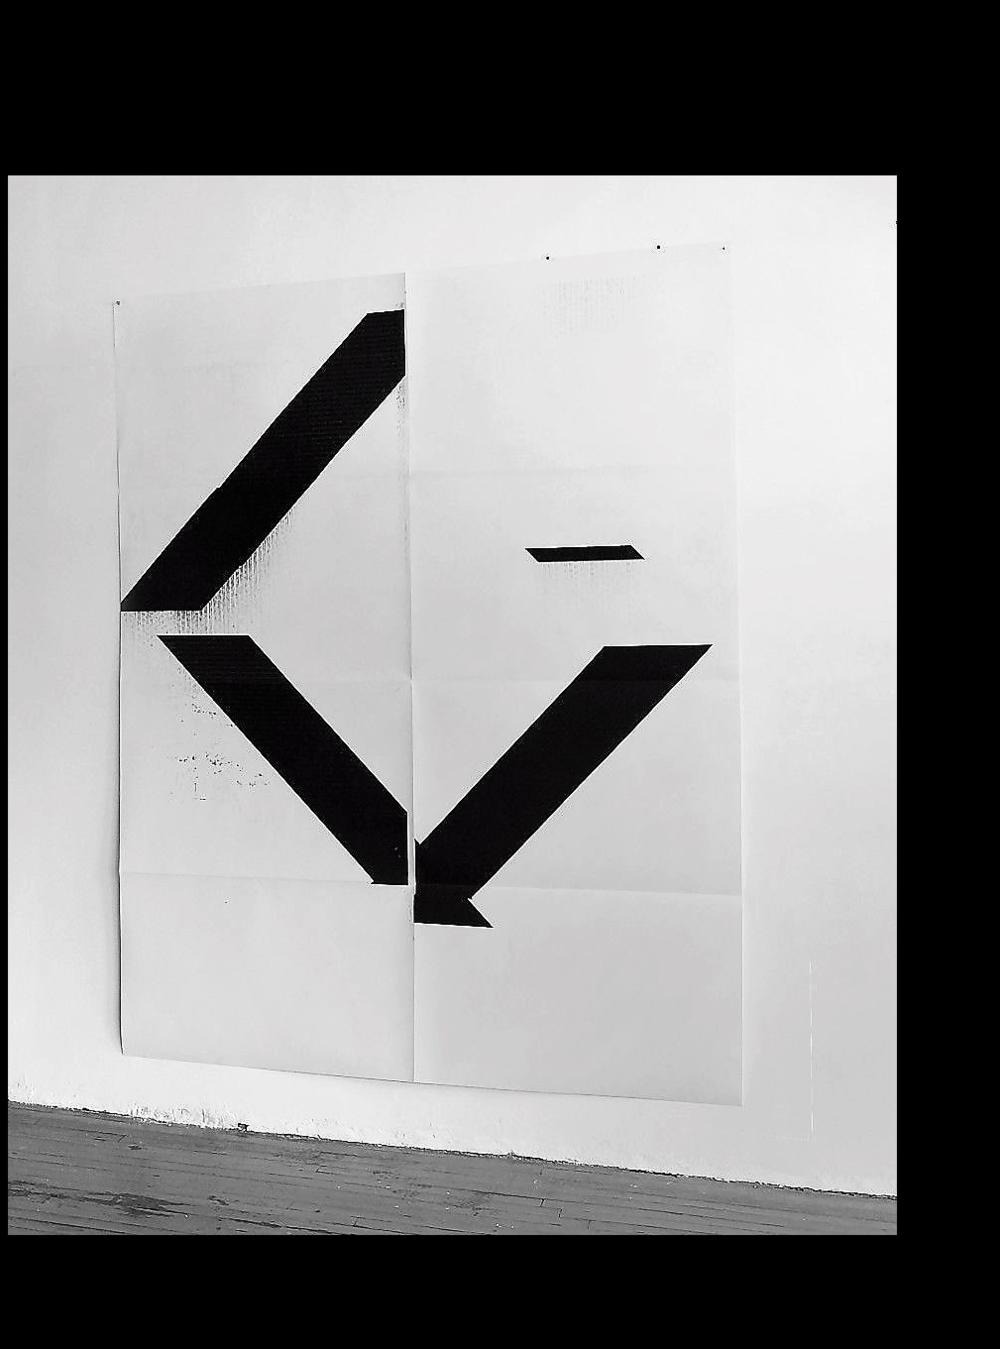 'X' Poster (Untitled, WG1208),  2017, Epson UltraChrome inkjet on linen paper,. 84 × 69 in (213.4 × 175.3 cm)